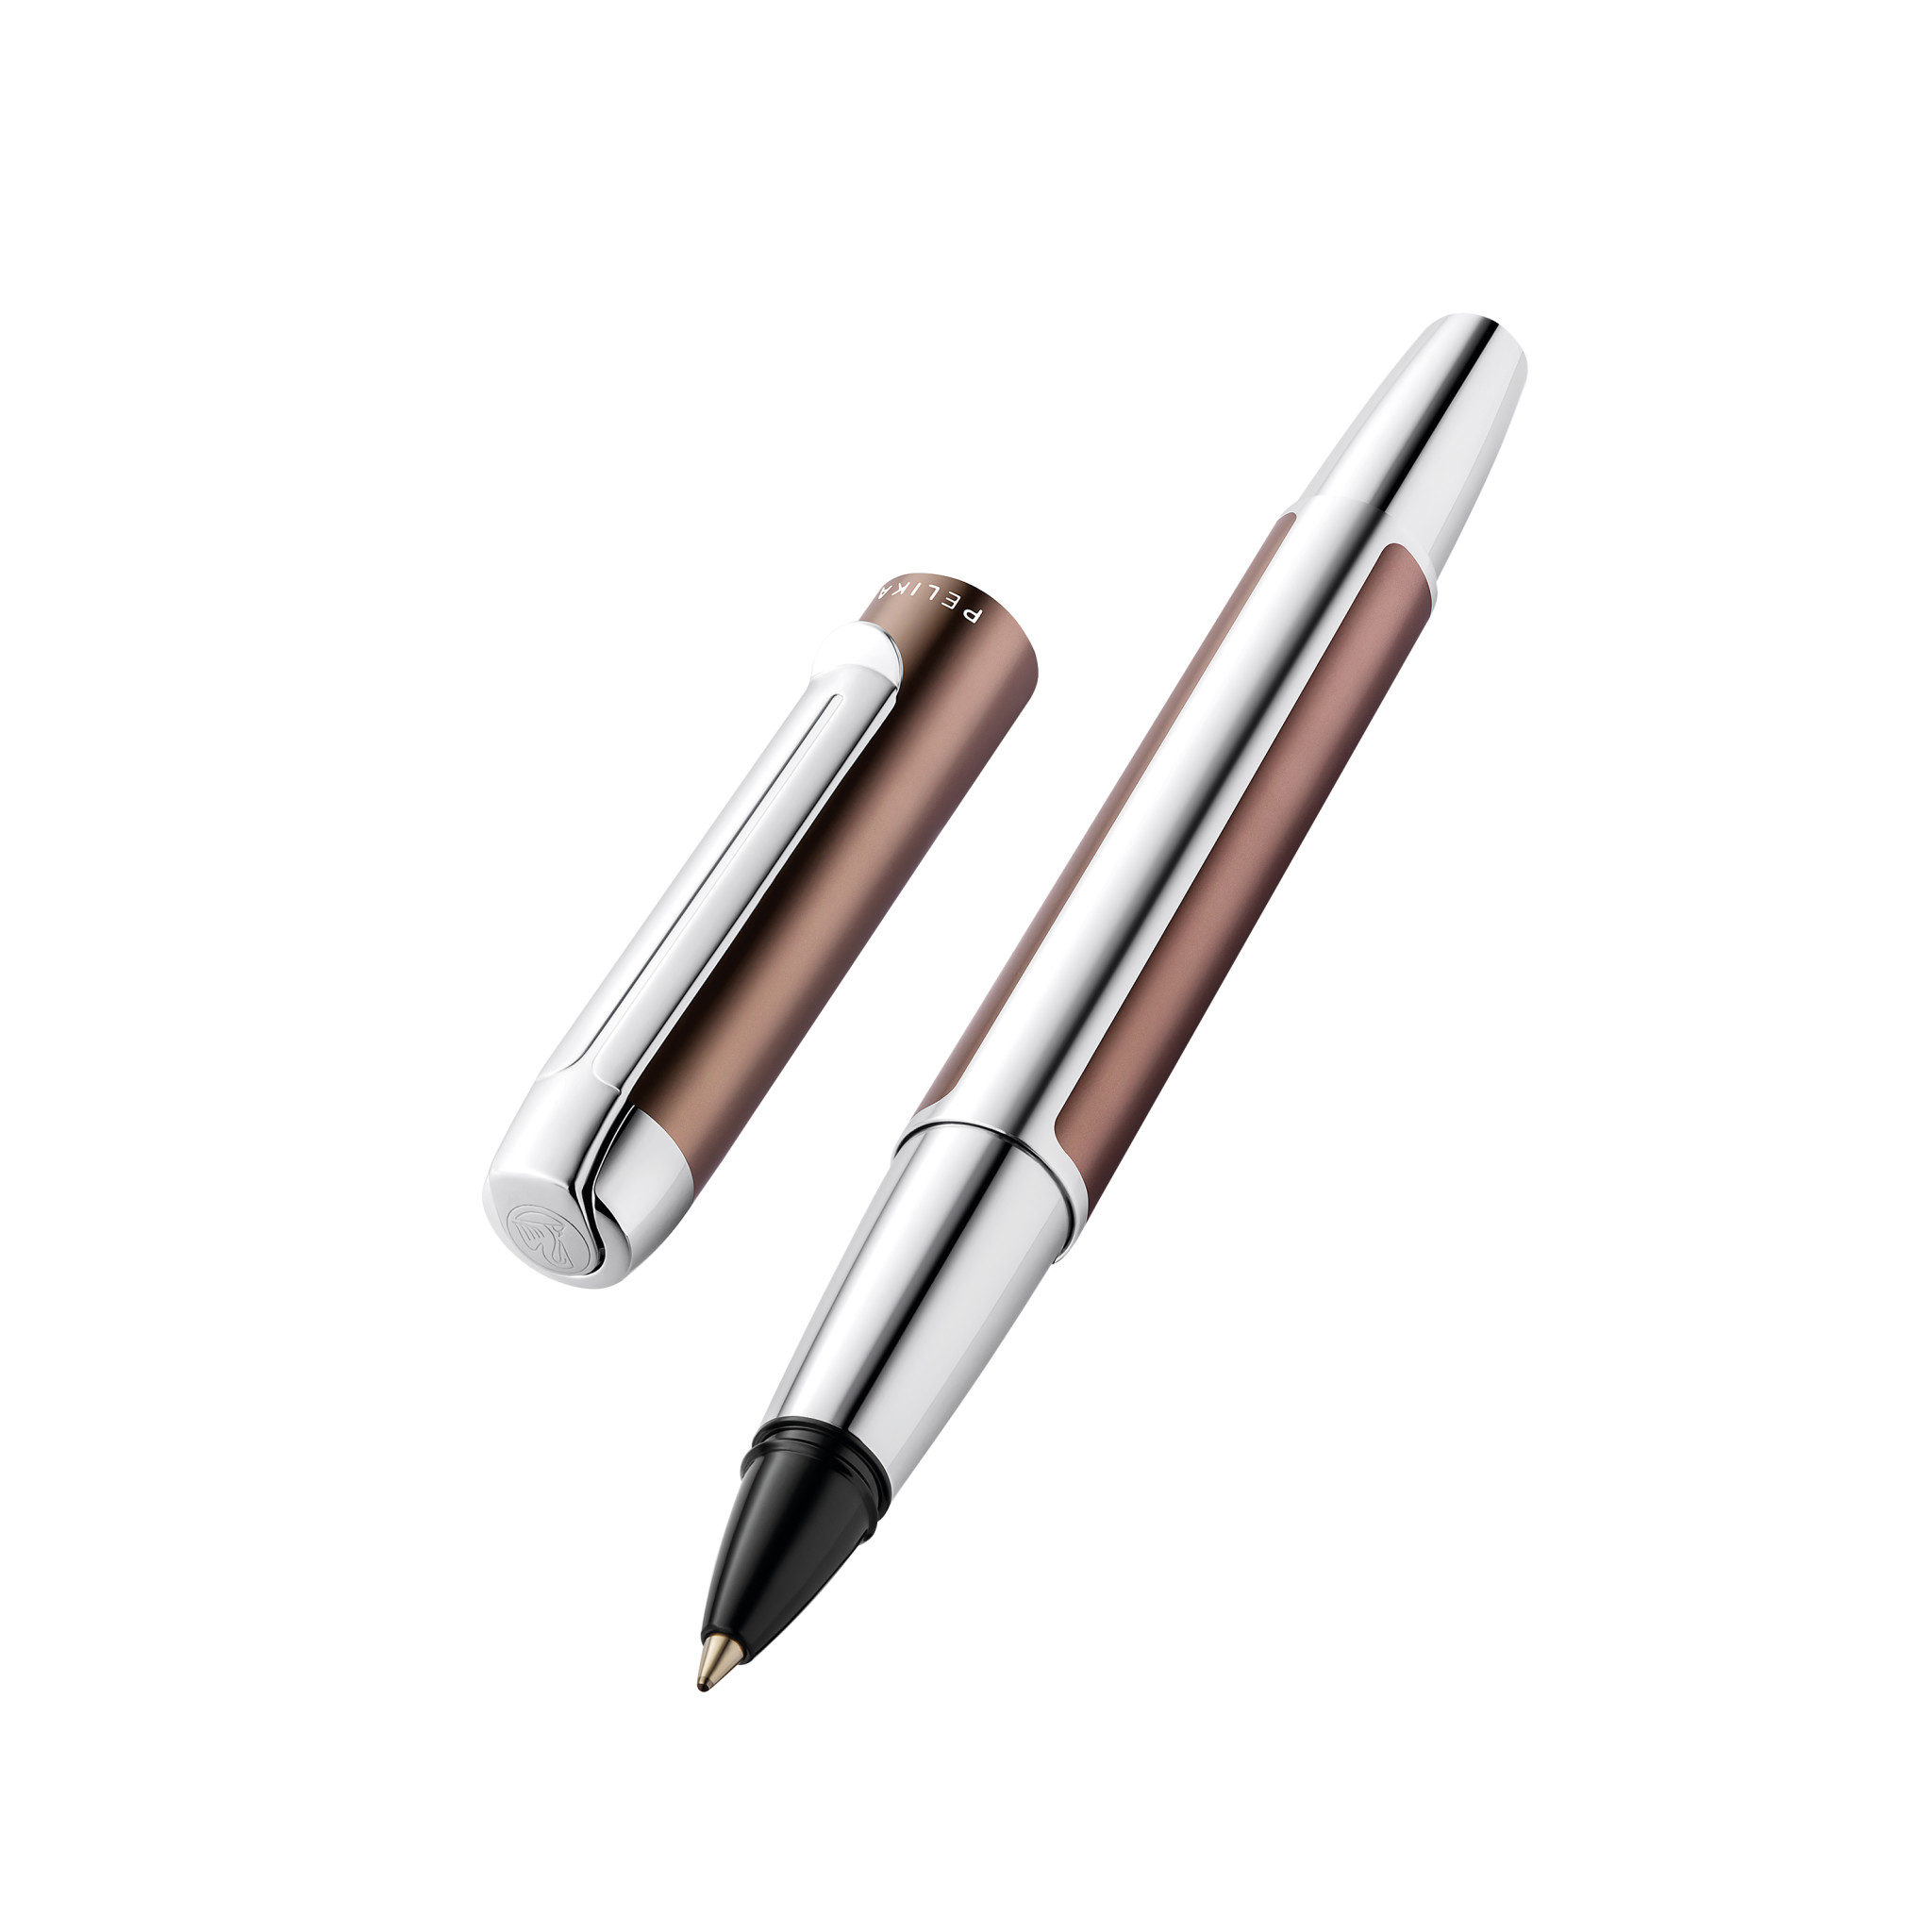 Pelikan Pura R40 - Stick Pen - Mokka - Silber - Schwarz - Aluminium - Medium - Deutschland